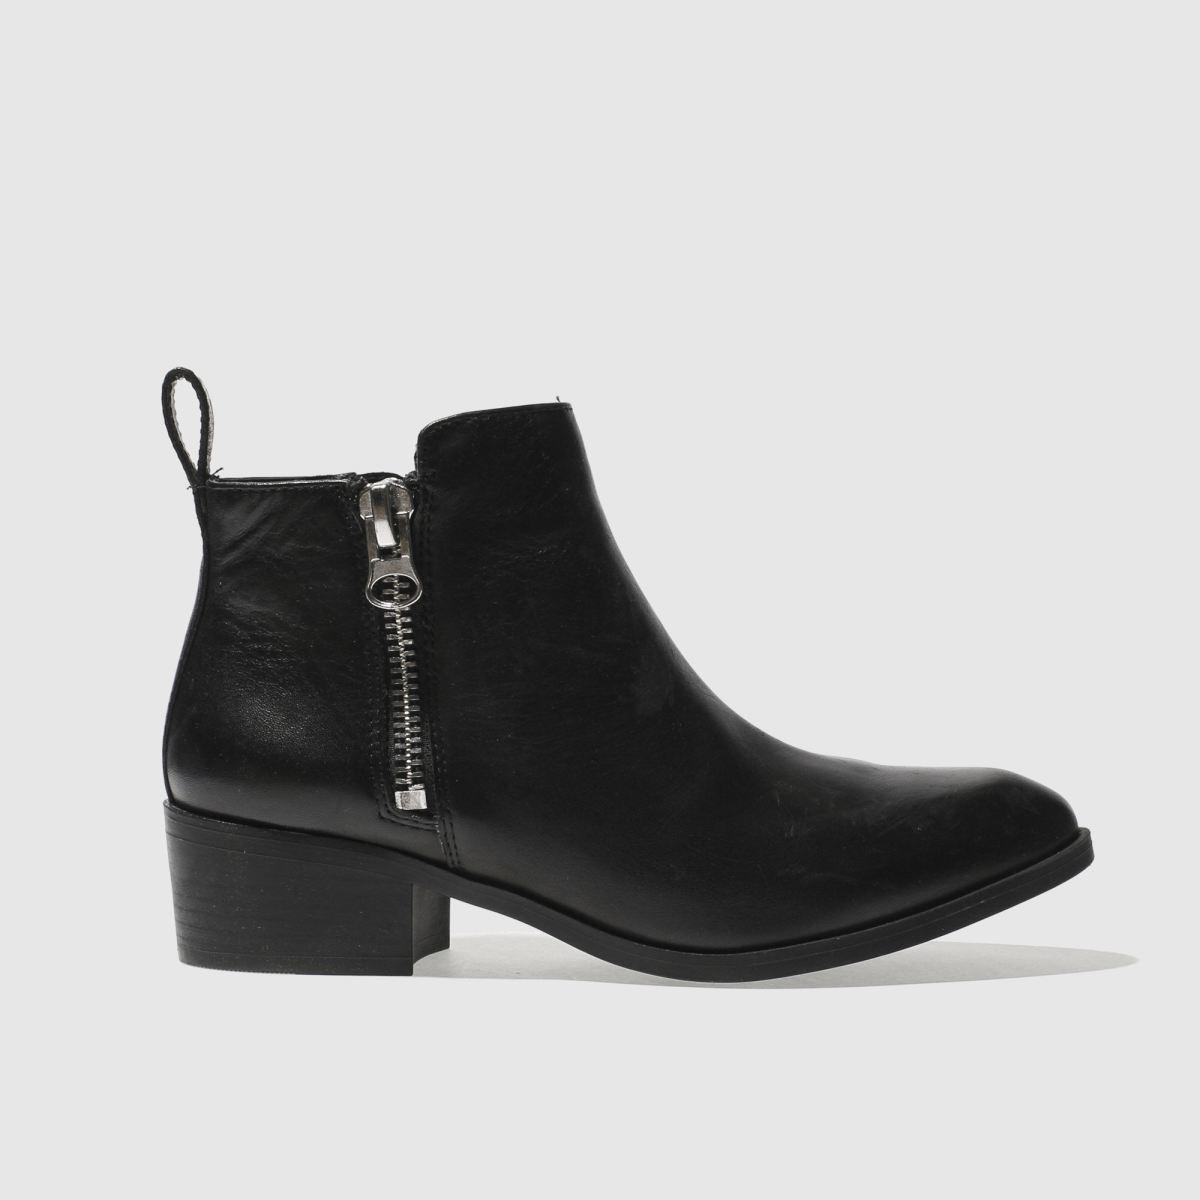 Schuh Black Mobster Boots